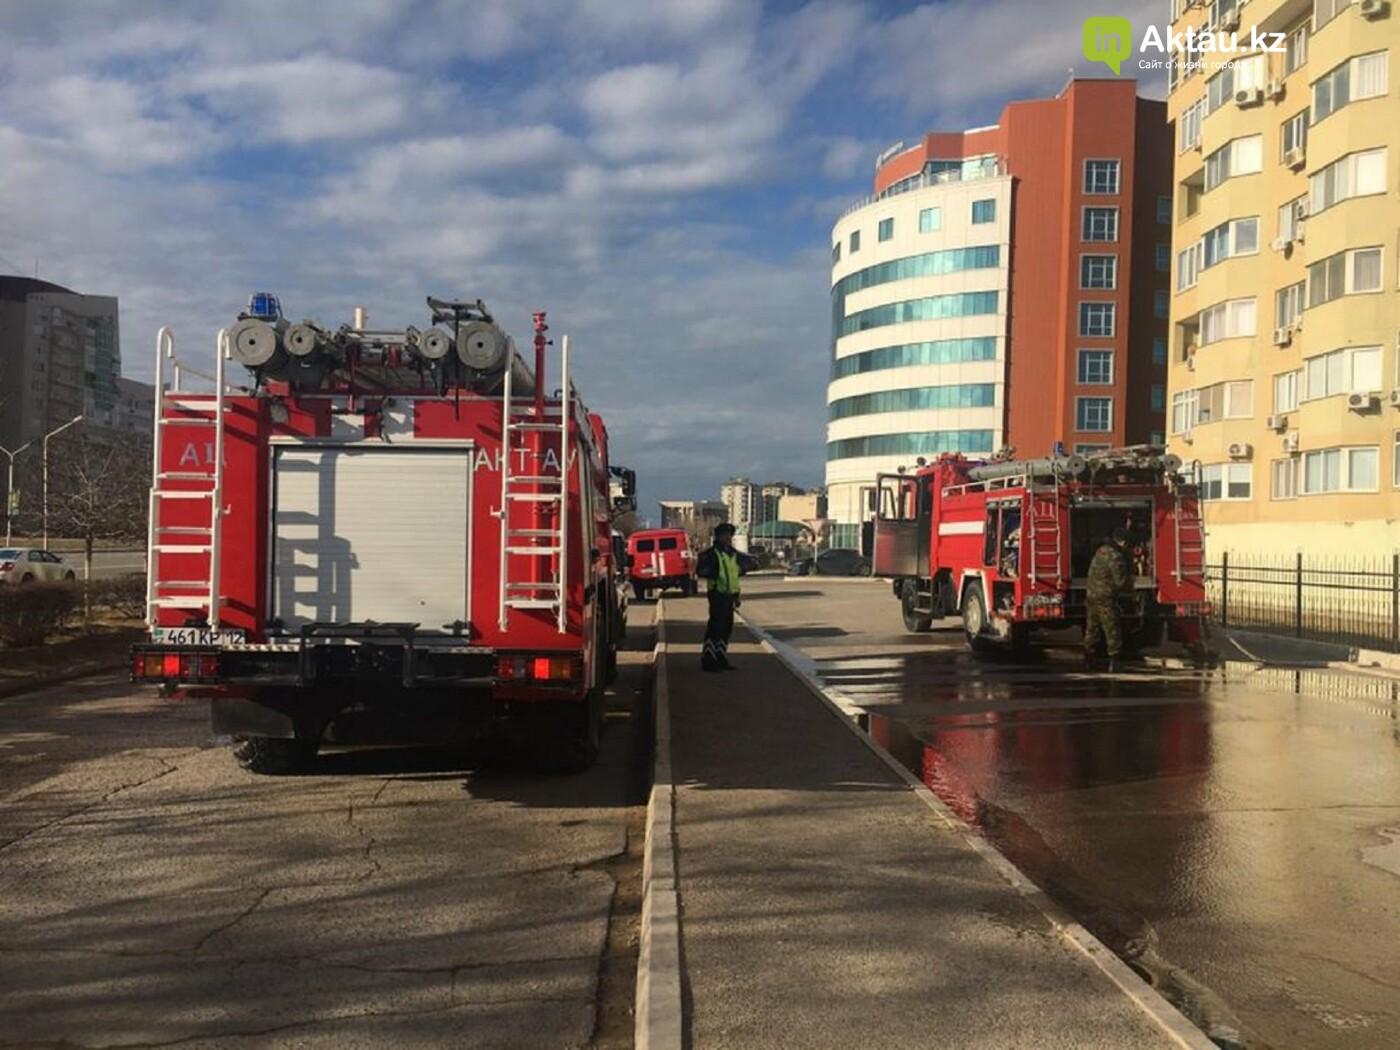 В 13 микрорайоне из-за пожара в квартире эвакуировали 50 жильцов дома, фото-2